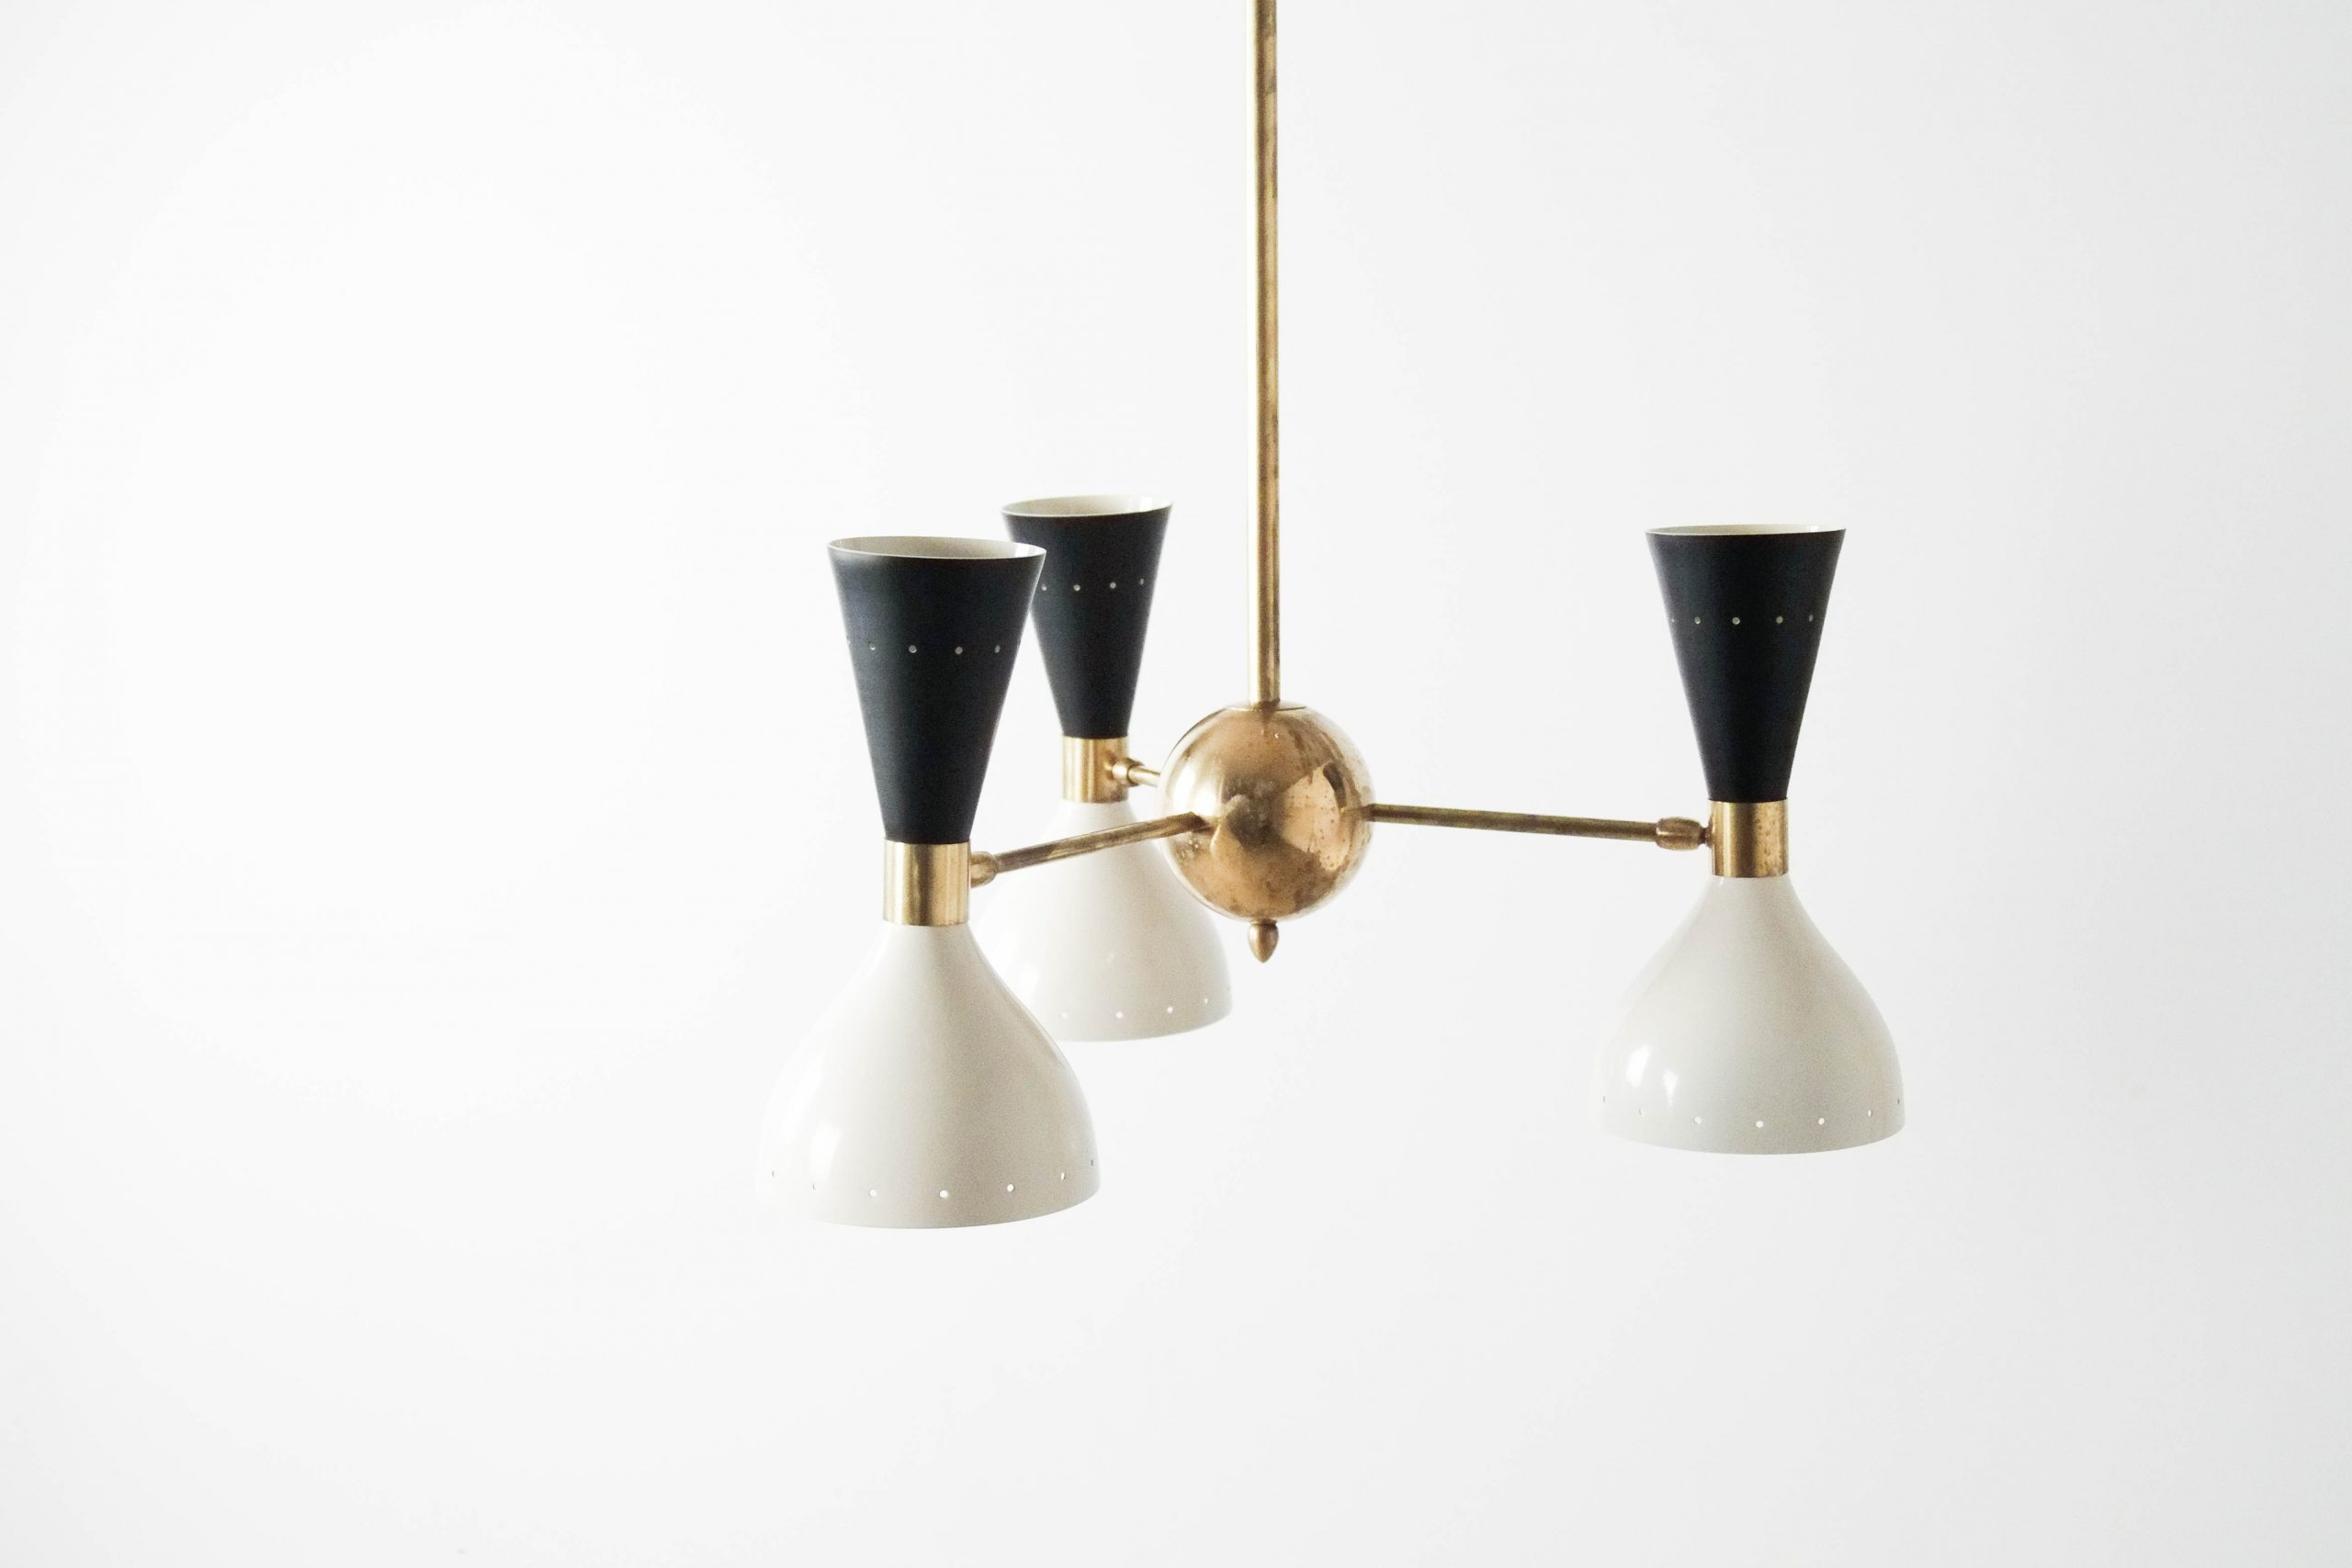 lampara de pie de laton fabricada a mano metal diseño elegante techo iluminacion